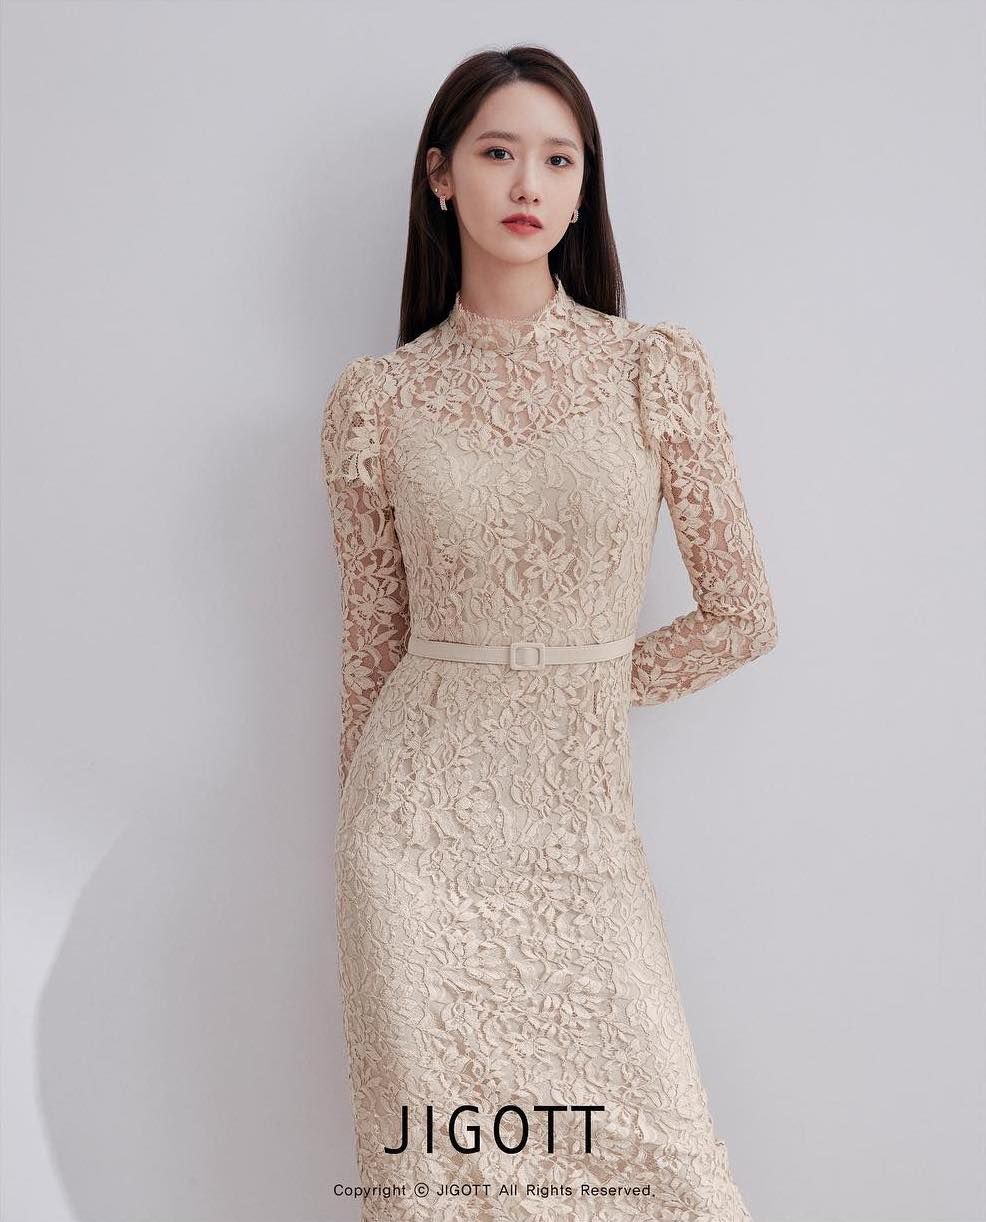 Sang tuổi 30, Yoona tạm biệt style ngọt ngào. trong sáng quay ngoắt sang hình ảnh sang chảnh, quý phái như tiểu thư nhà tài phiệt - Ảnh 6.